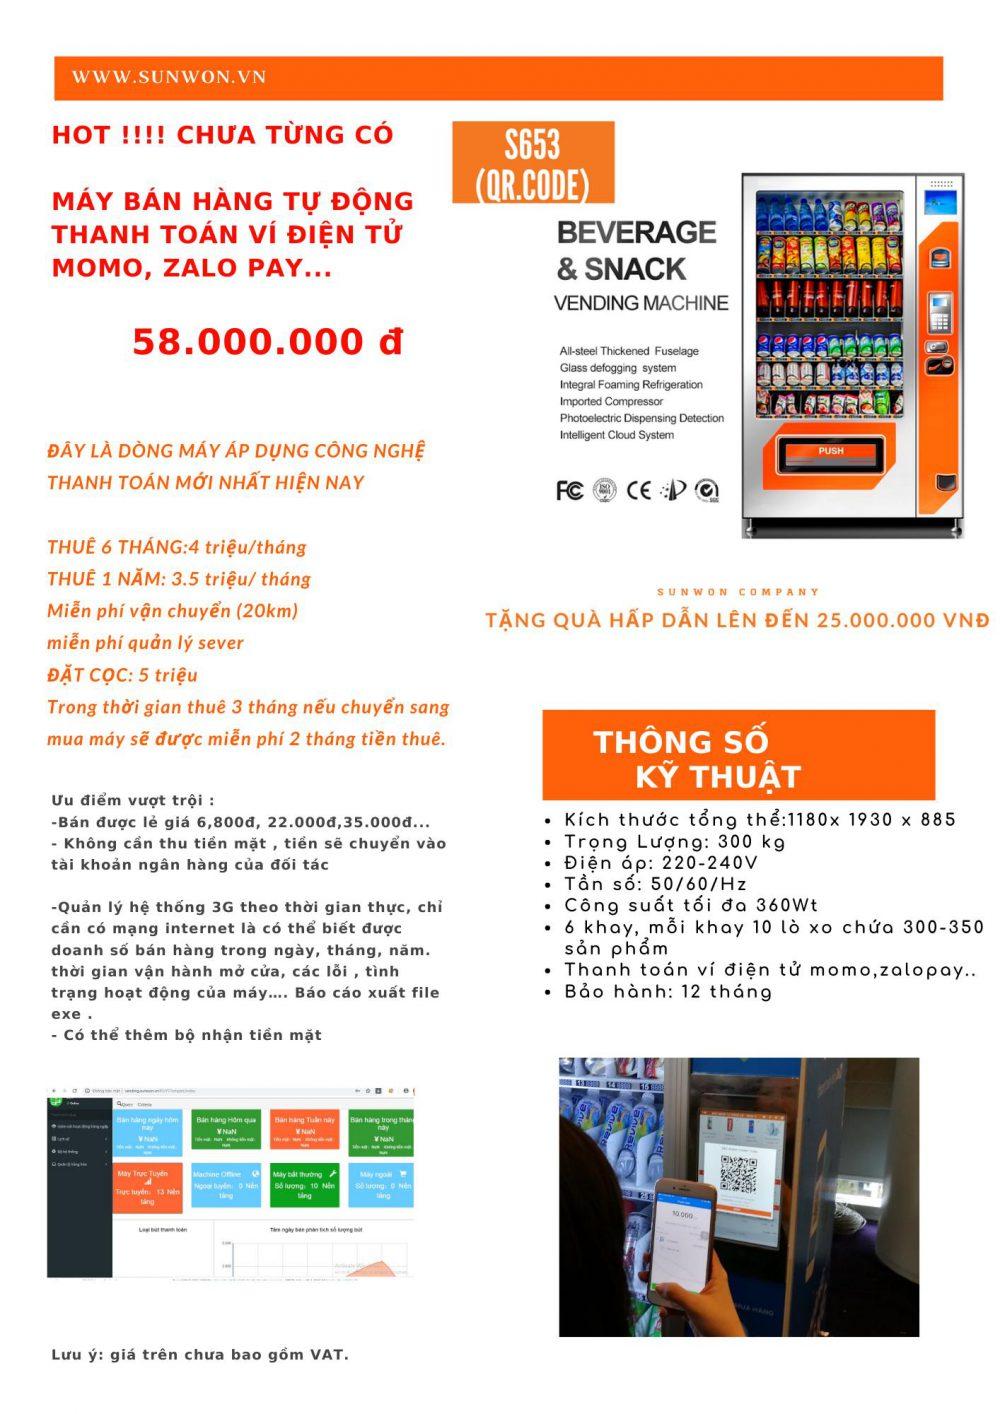 Máy bán hàng tự động thanh toán ví điện tử